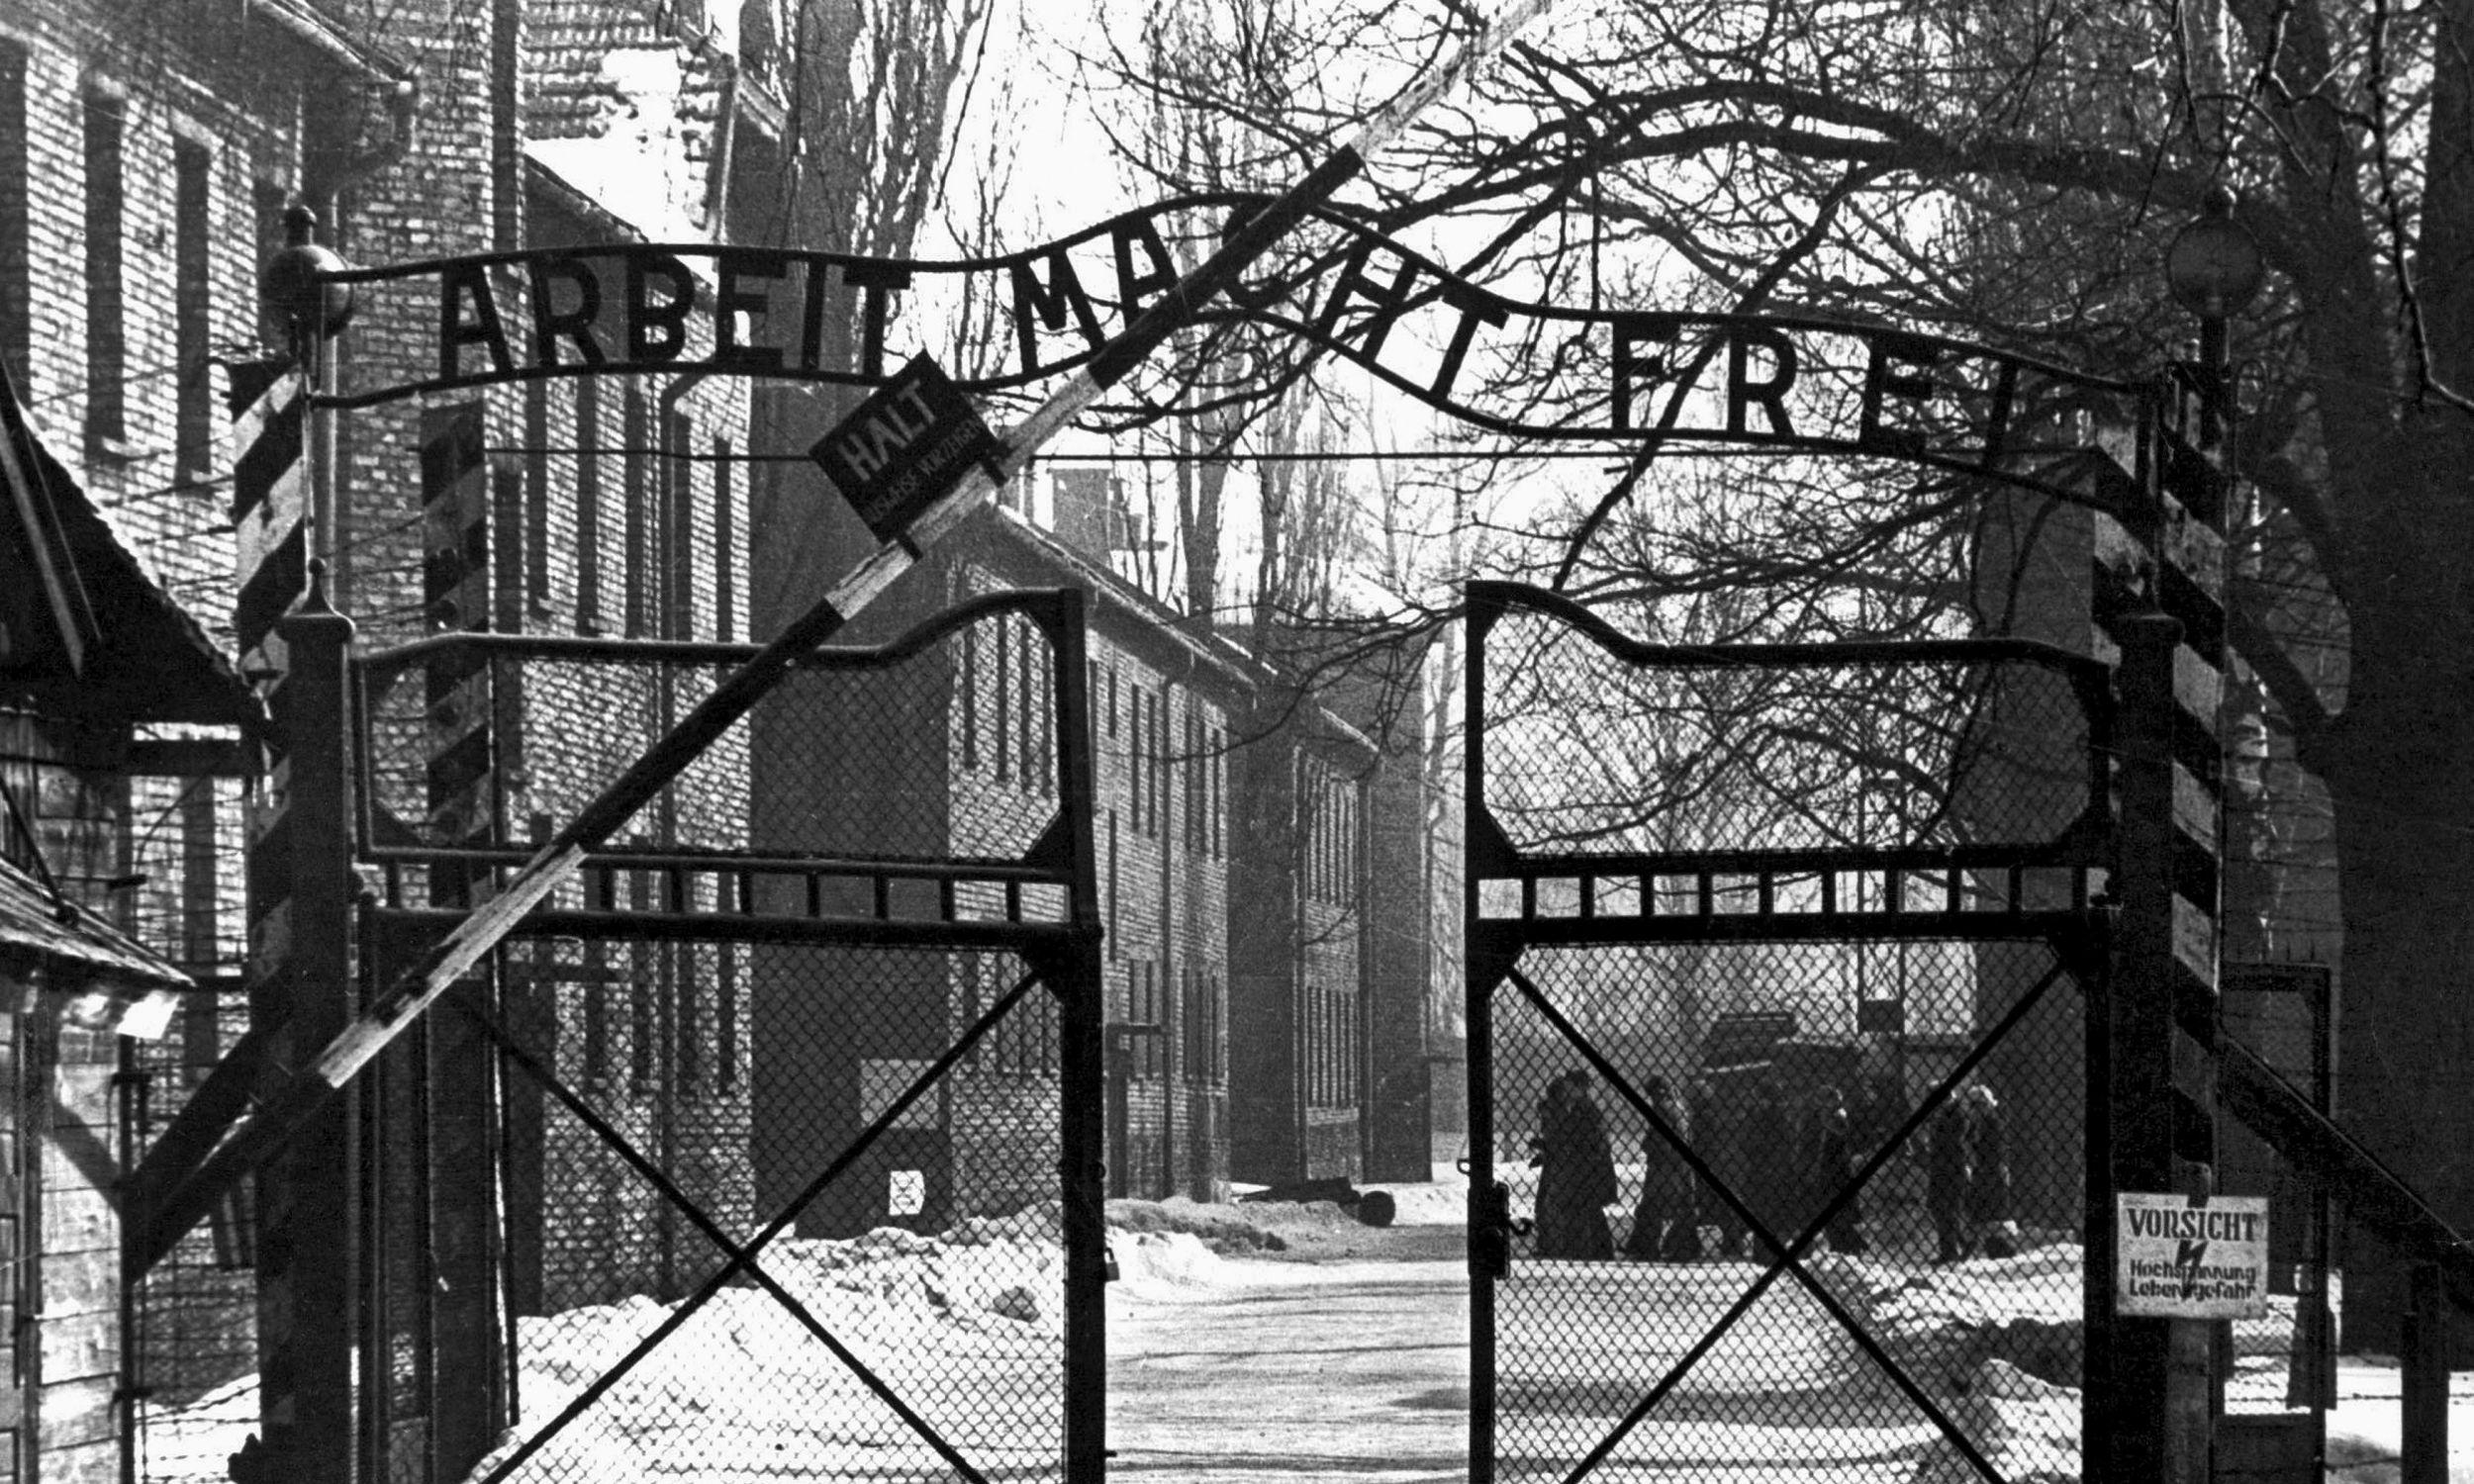 Lata 40., wejście do niemieckiego nazistowskiego obozu koncentracyjnego i zagłady Auschwitz I. Fot. Mondadori Portfolio via Getty Images